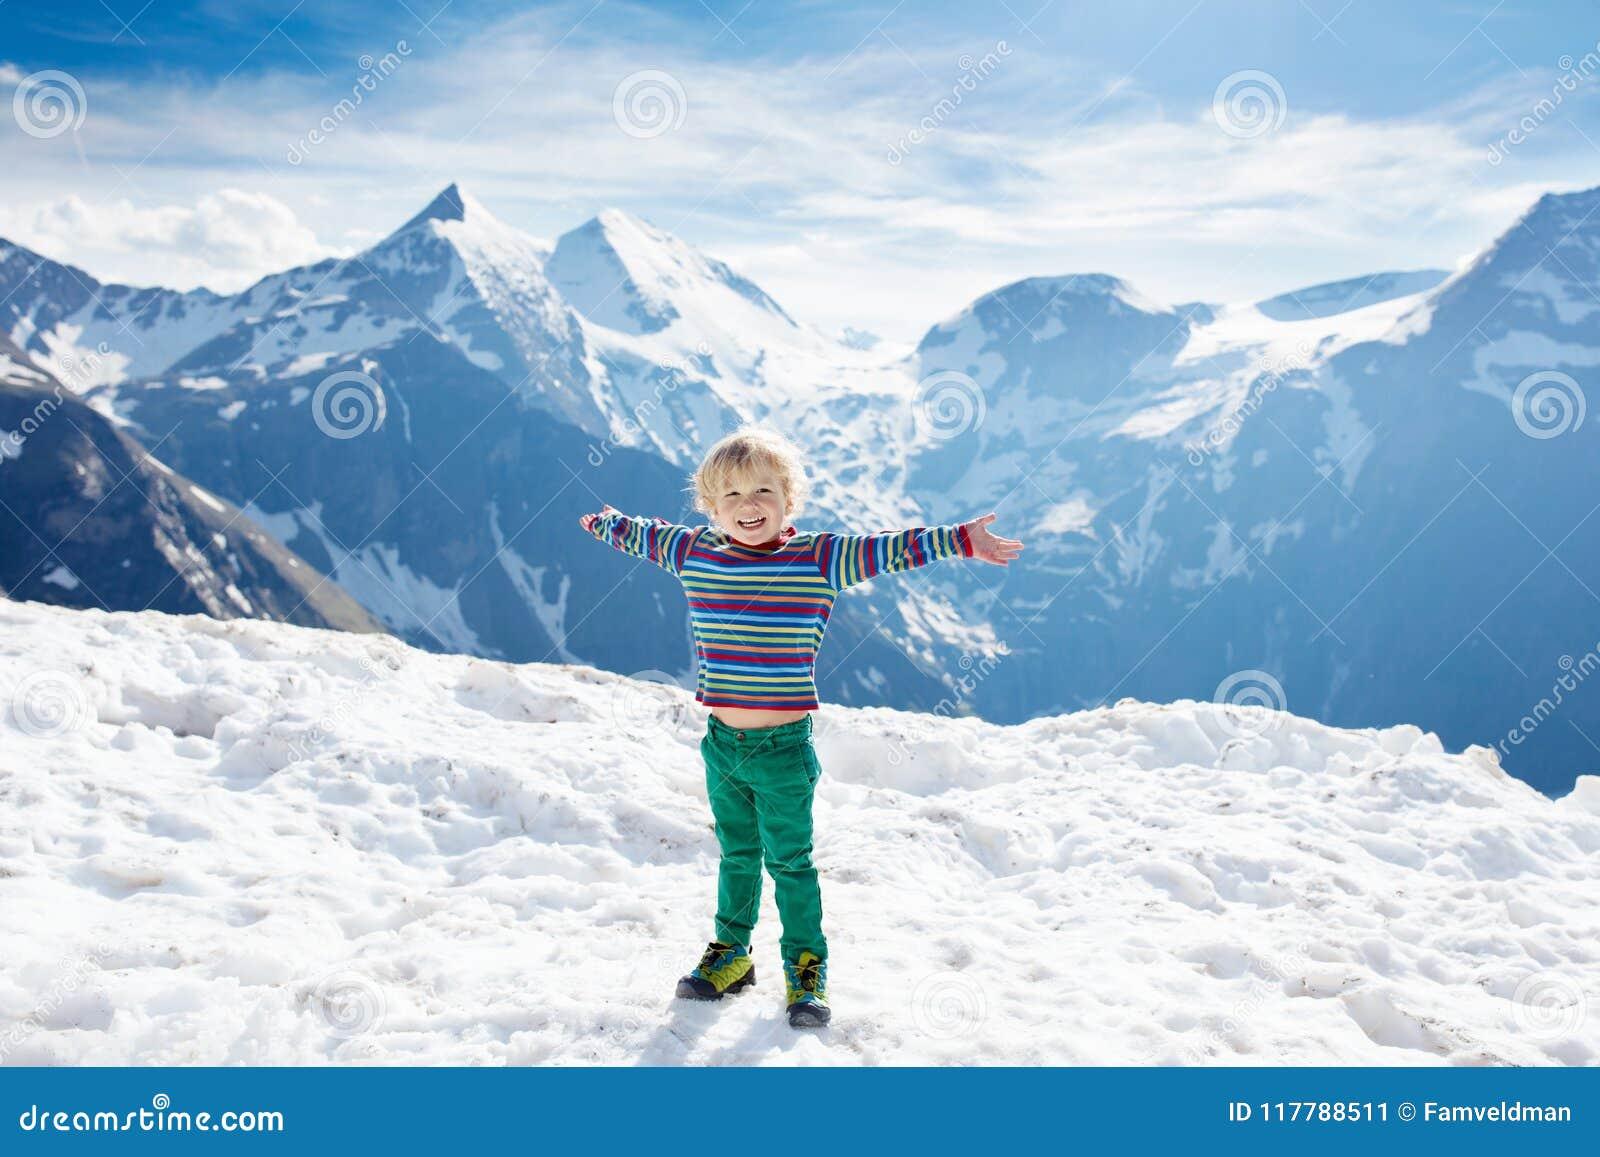 Ребенок в горах Дети в снеге весной